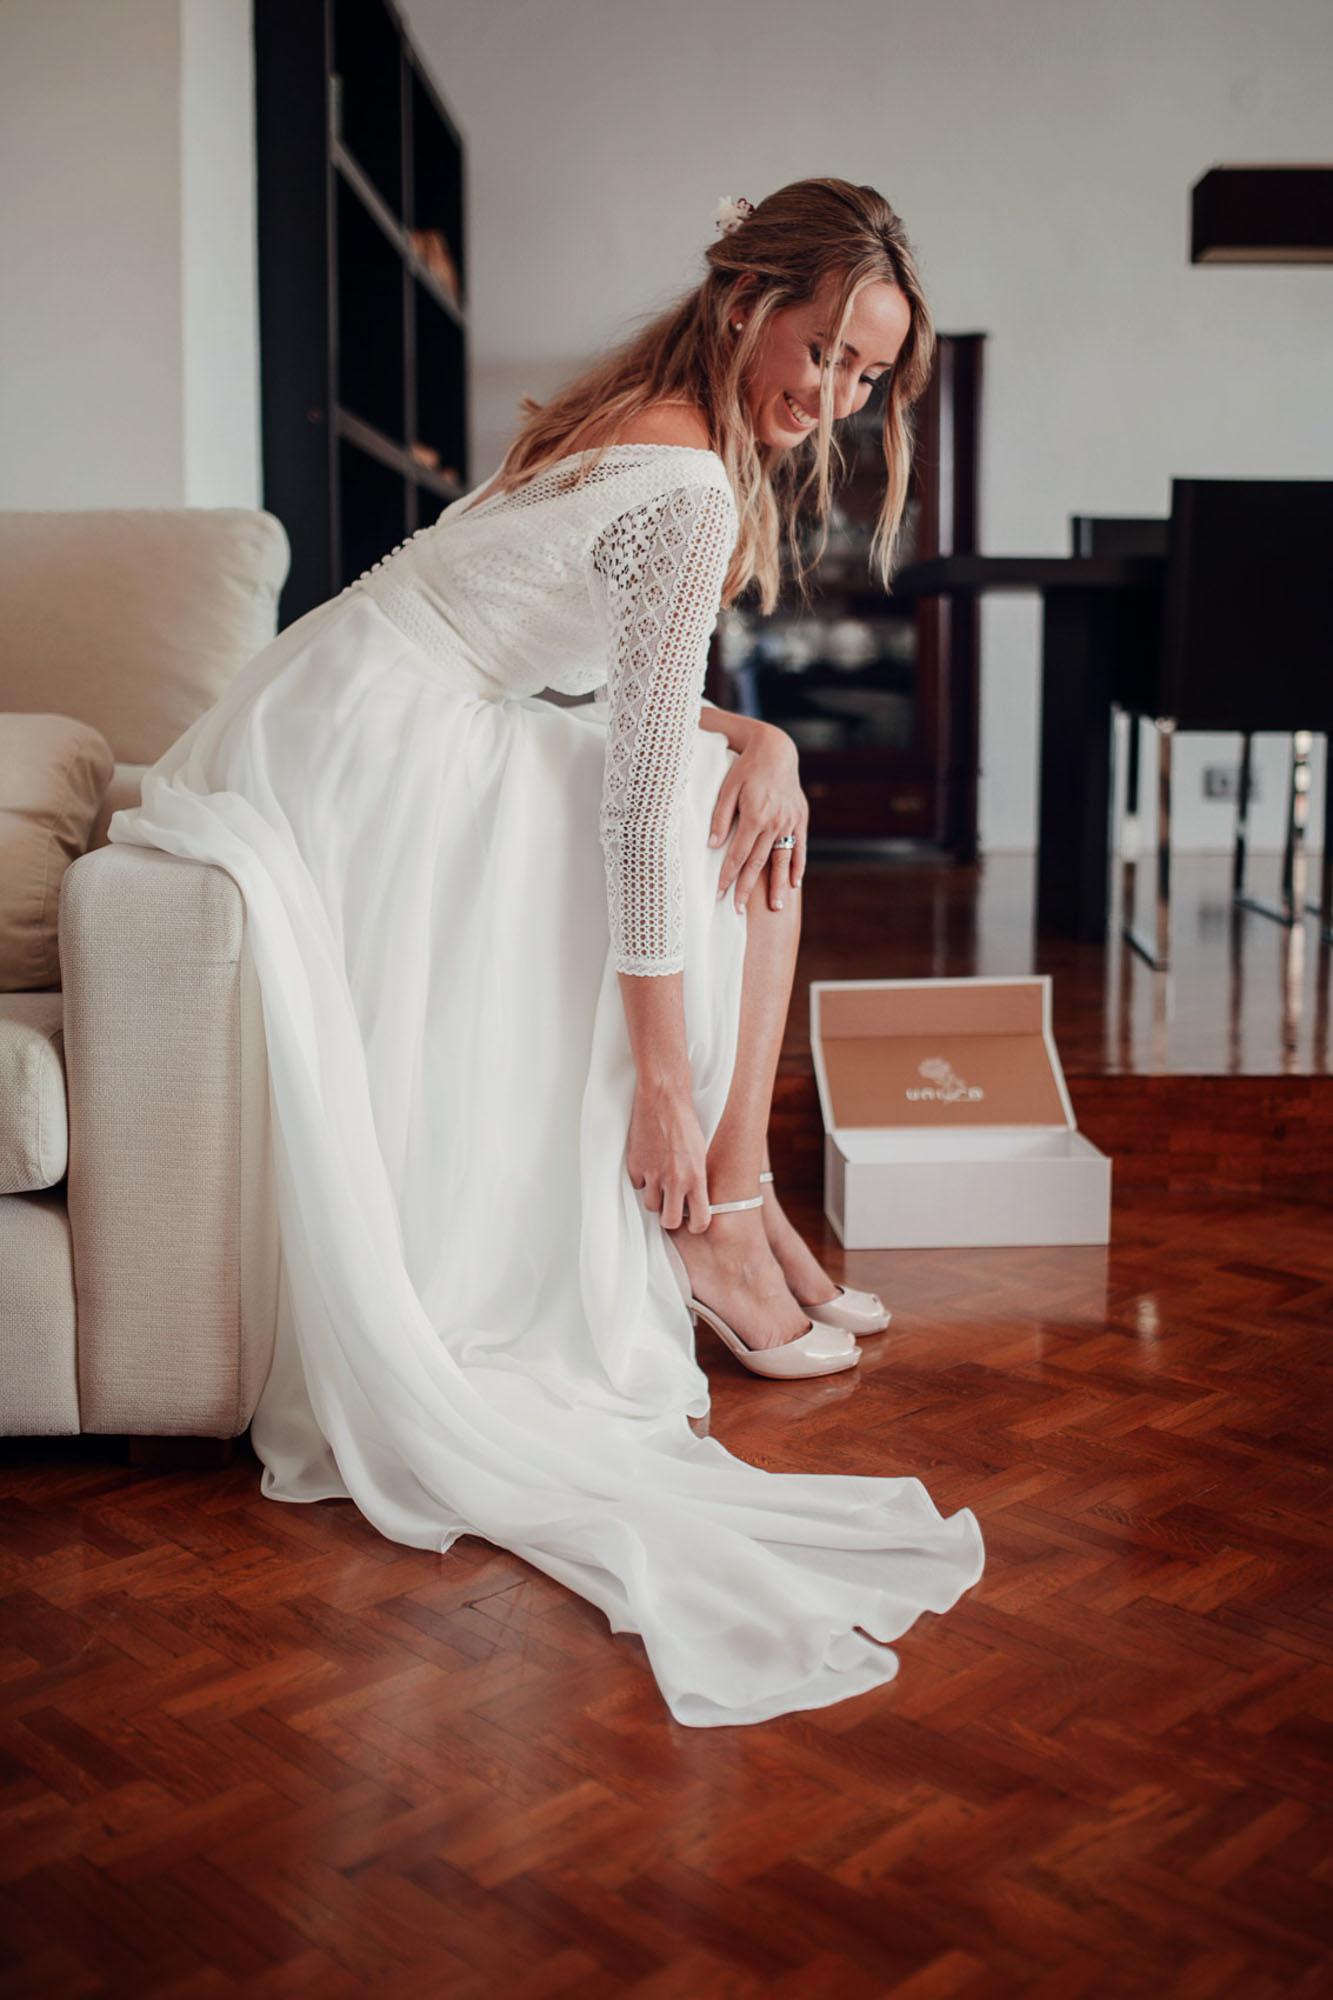 detalle zapatos tacones novia vestido blanco sofa